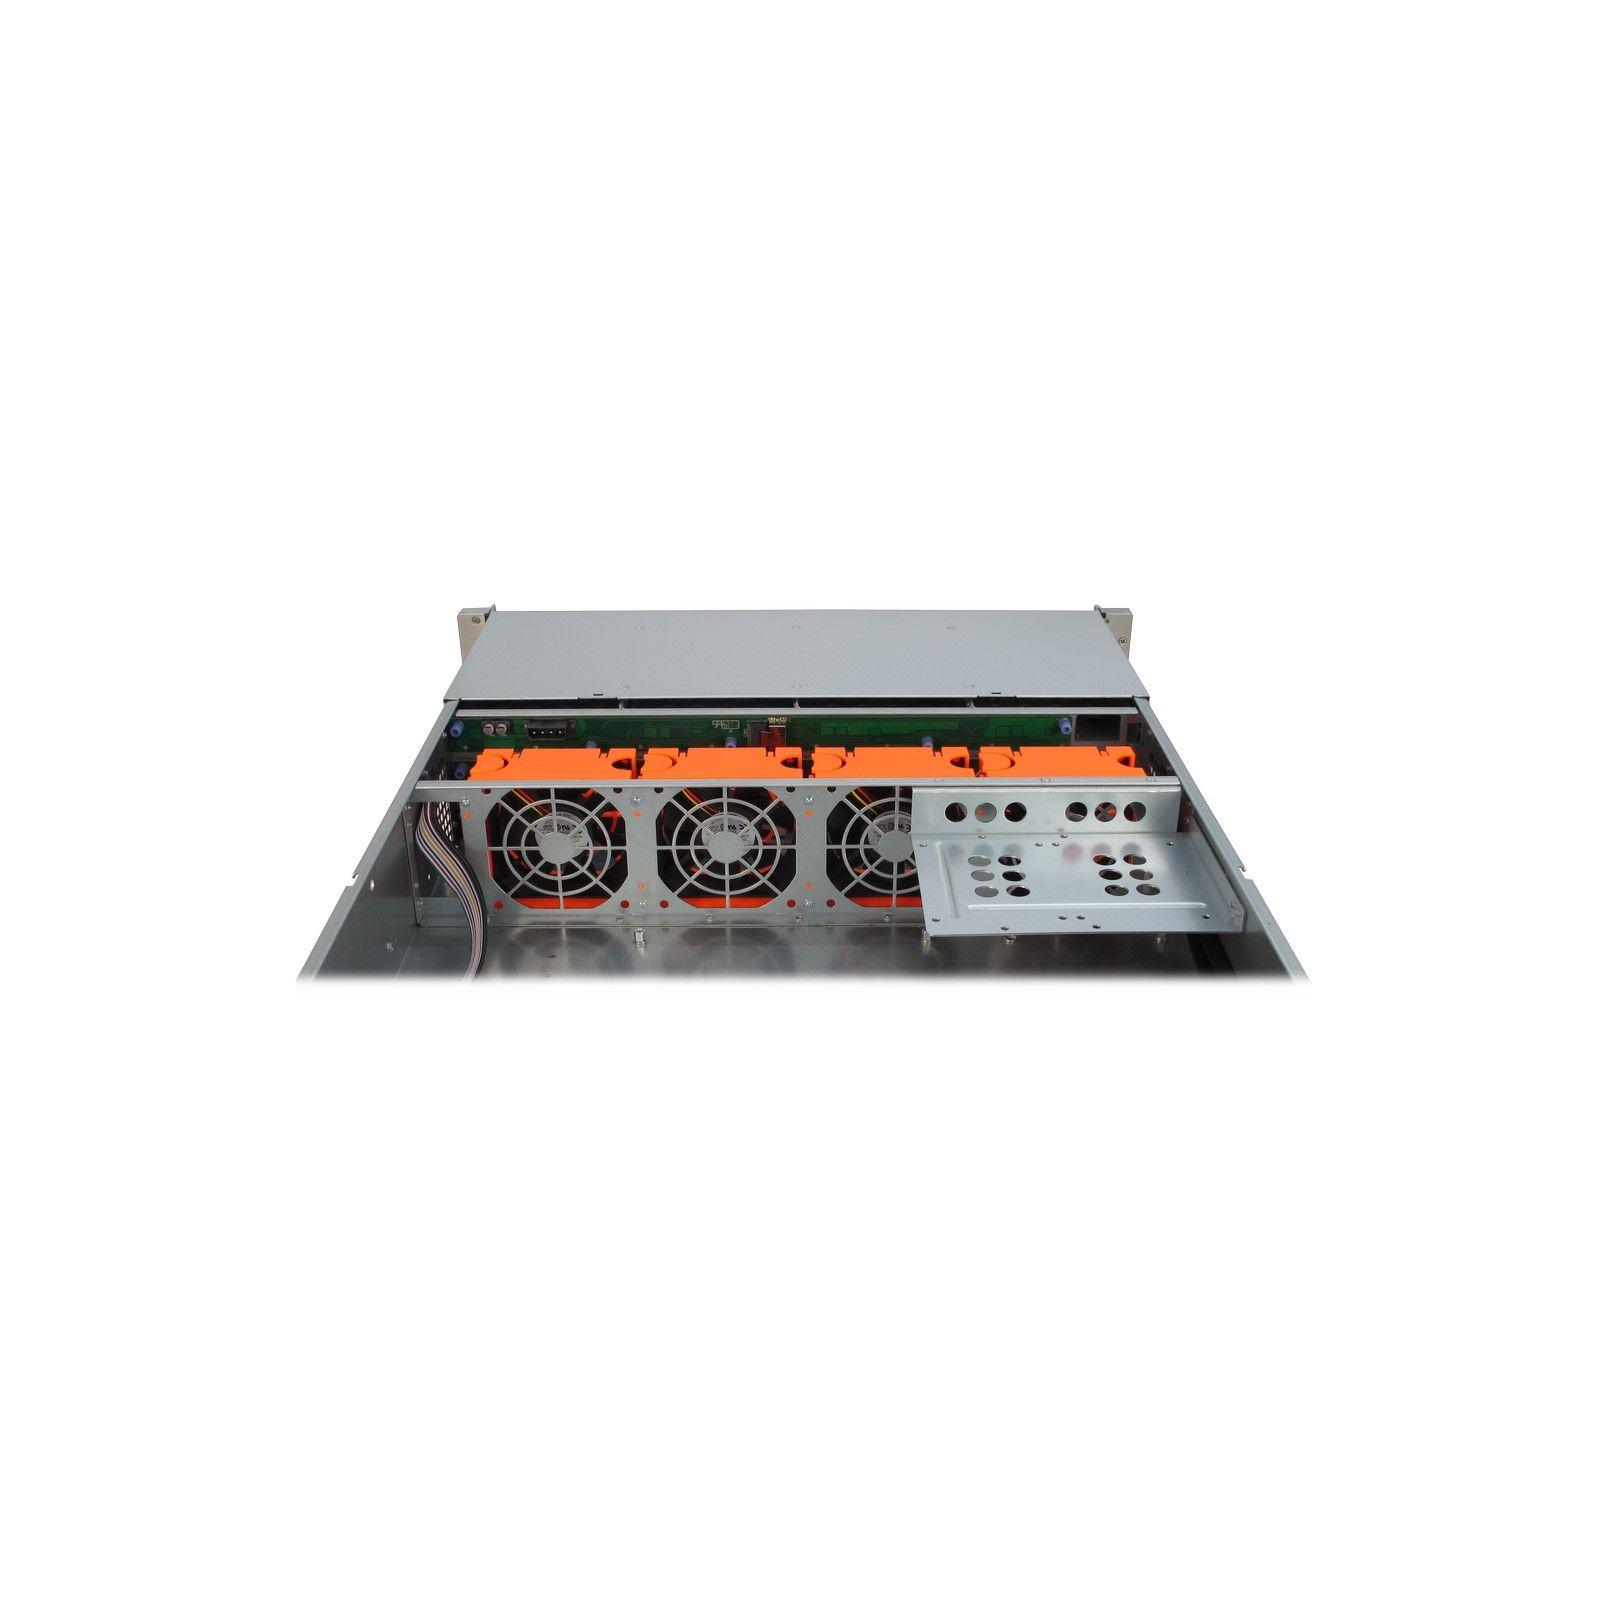 Корпус для сервера Inter-Tech 2U-2412 (456524) изображение 3